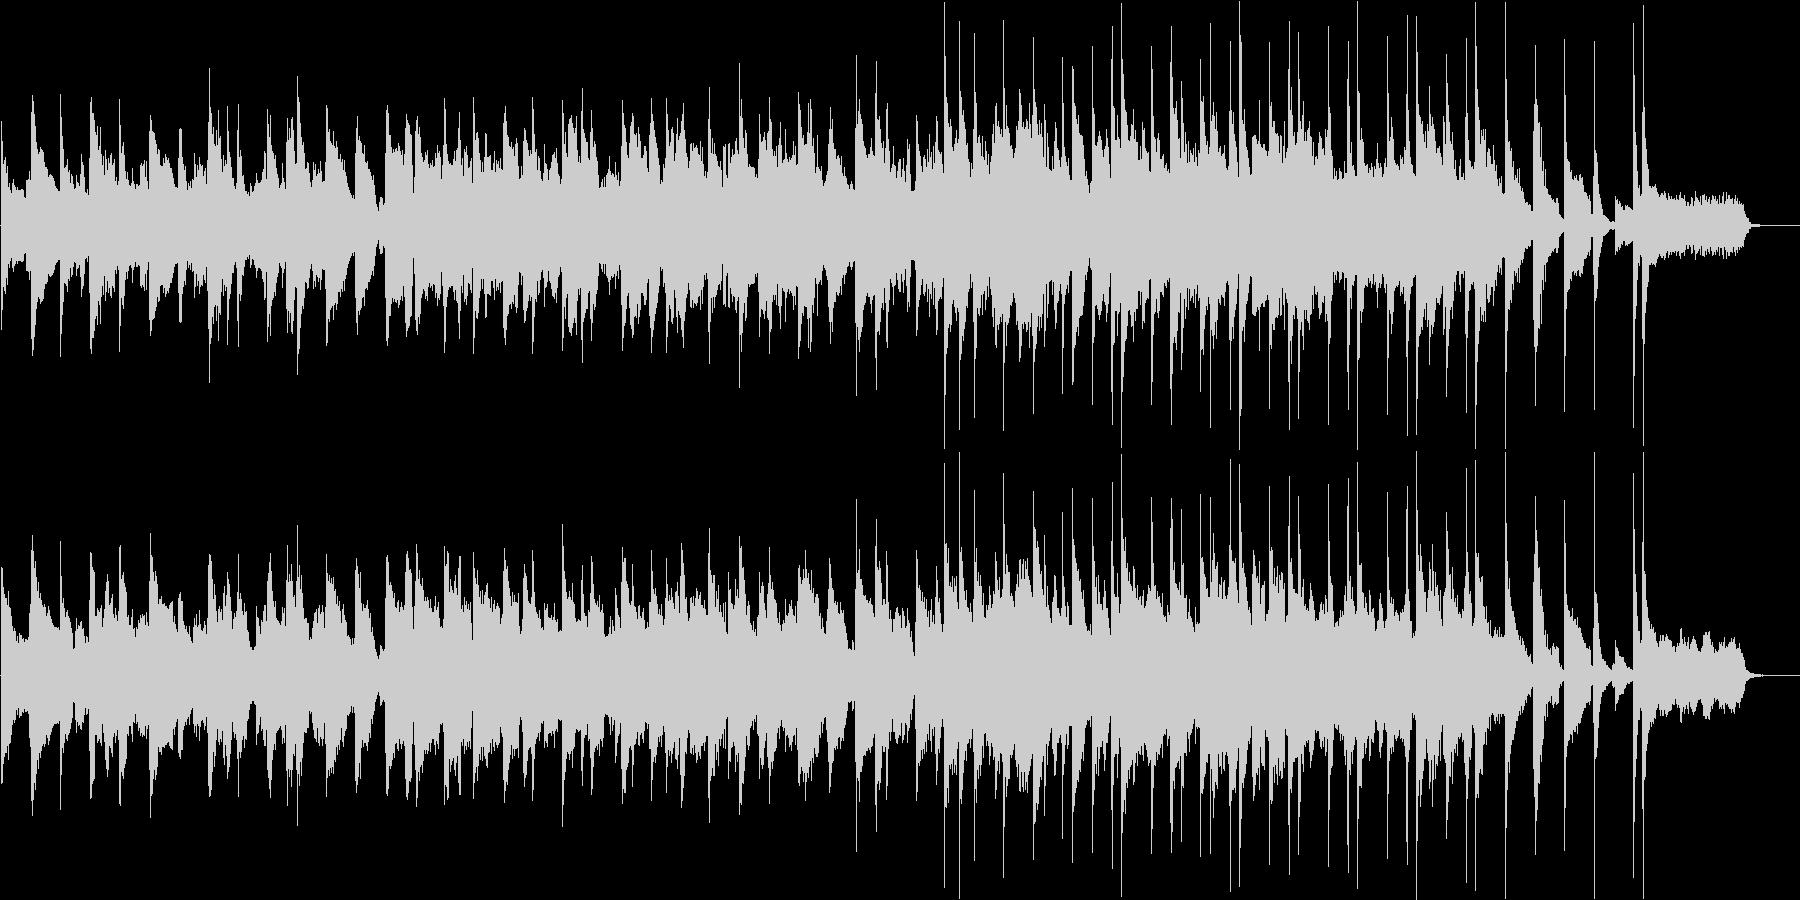 サックスとピアノのお洒落なジャズバラードの未再生の波形